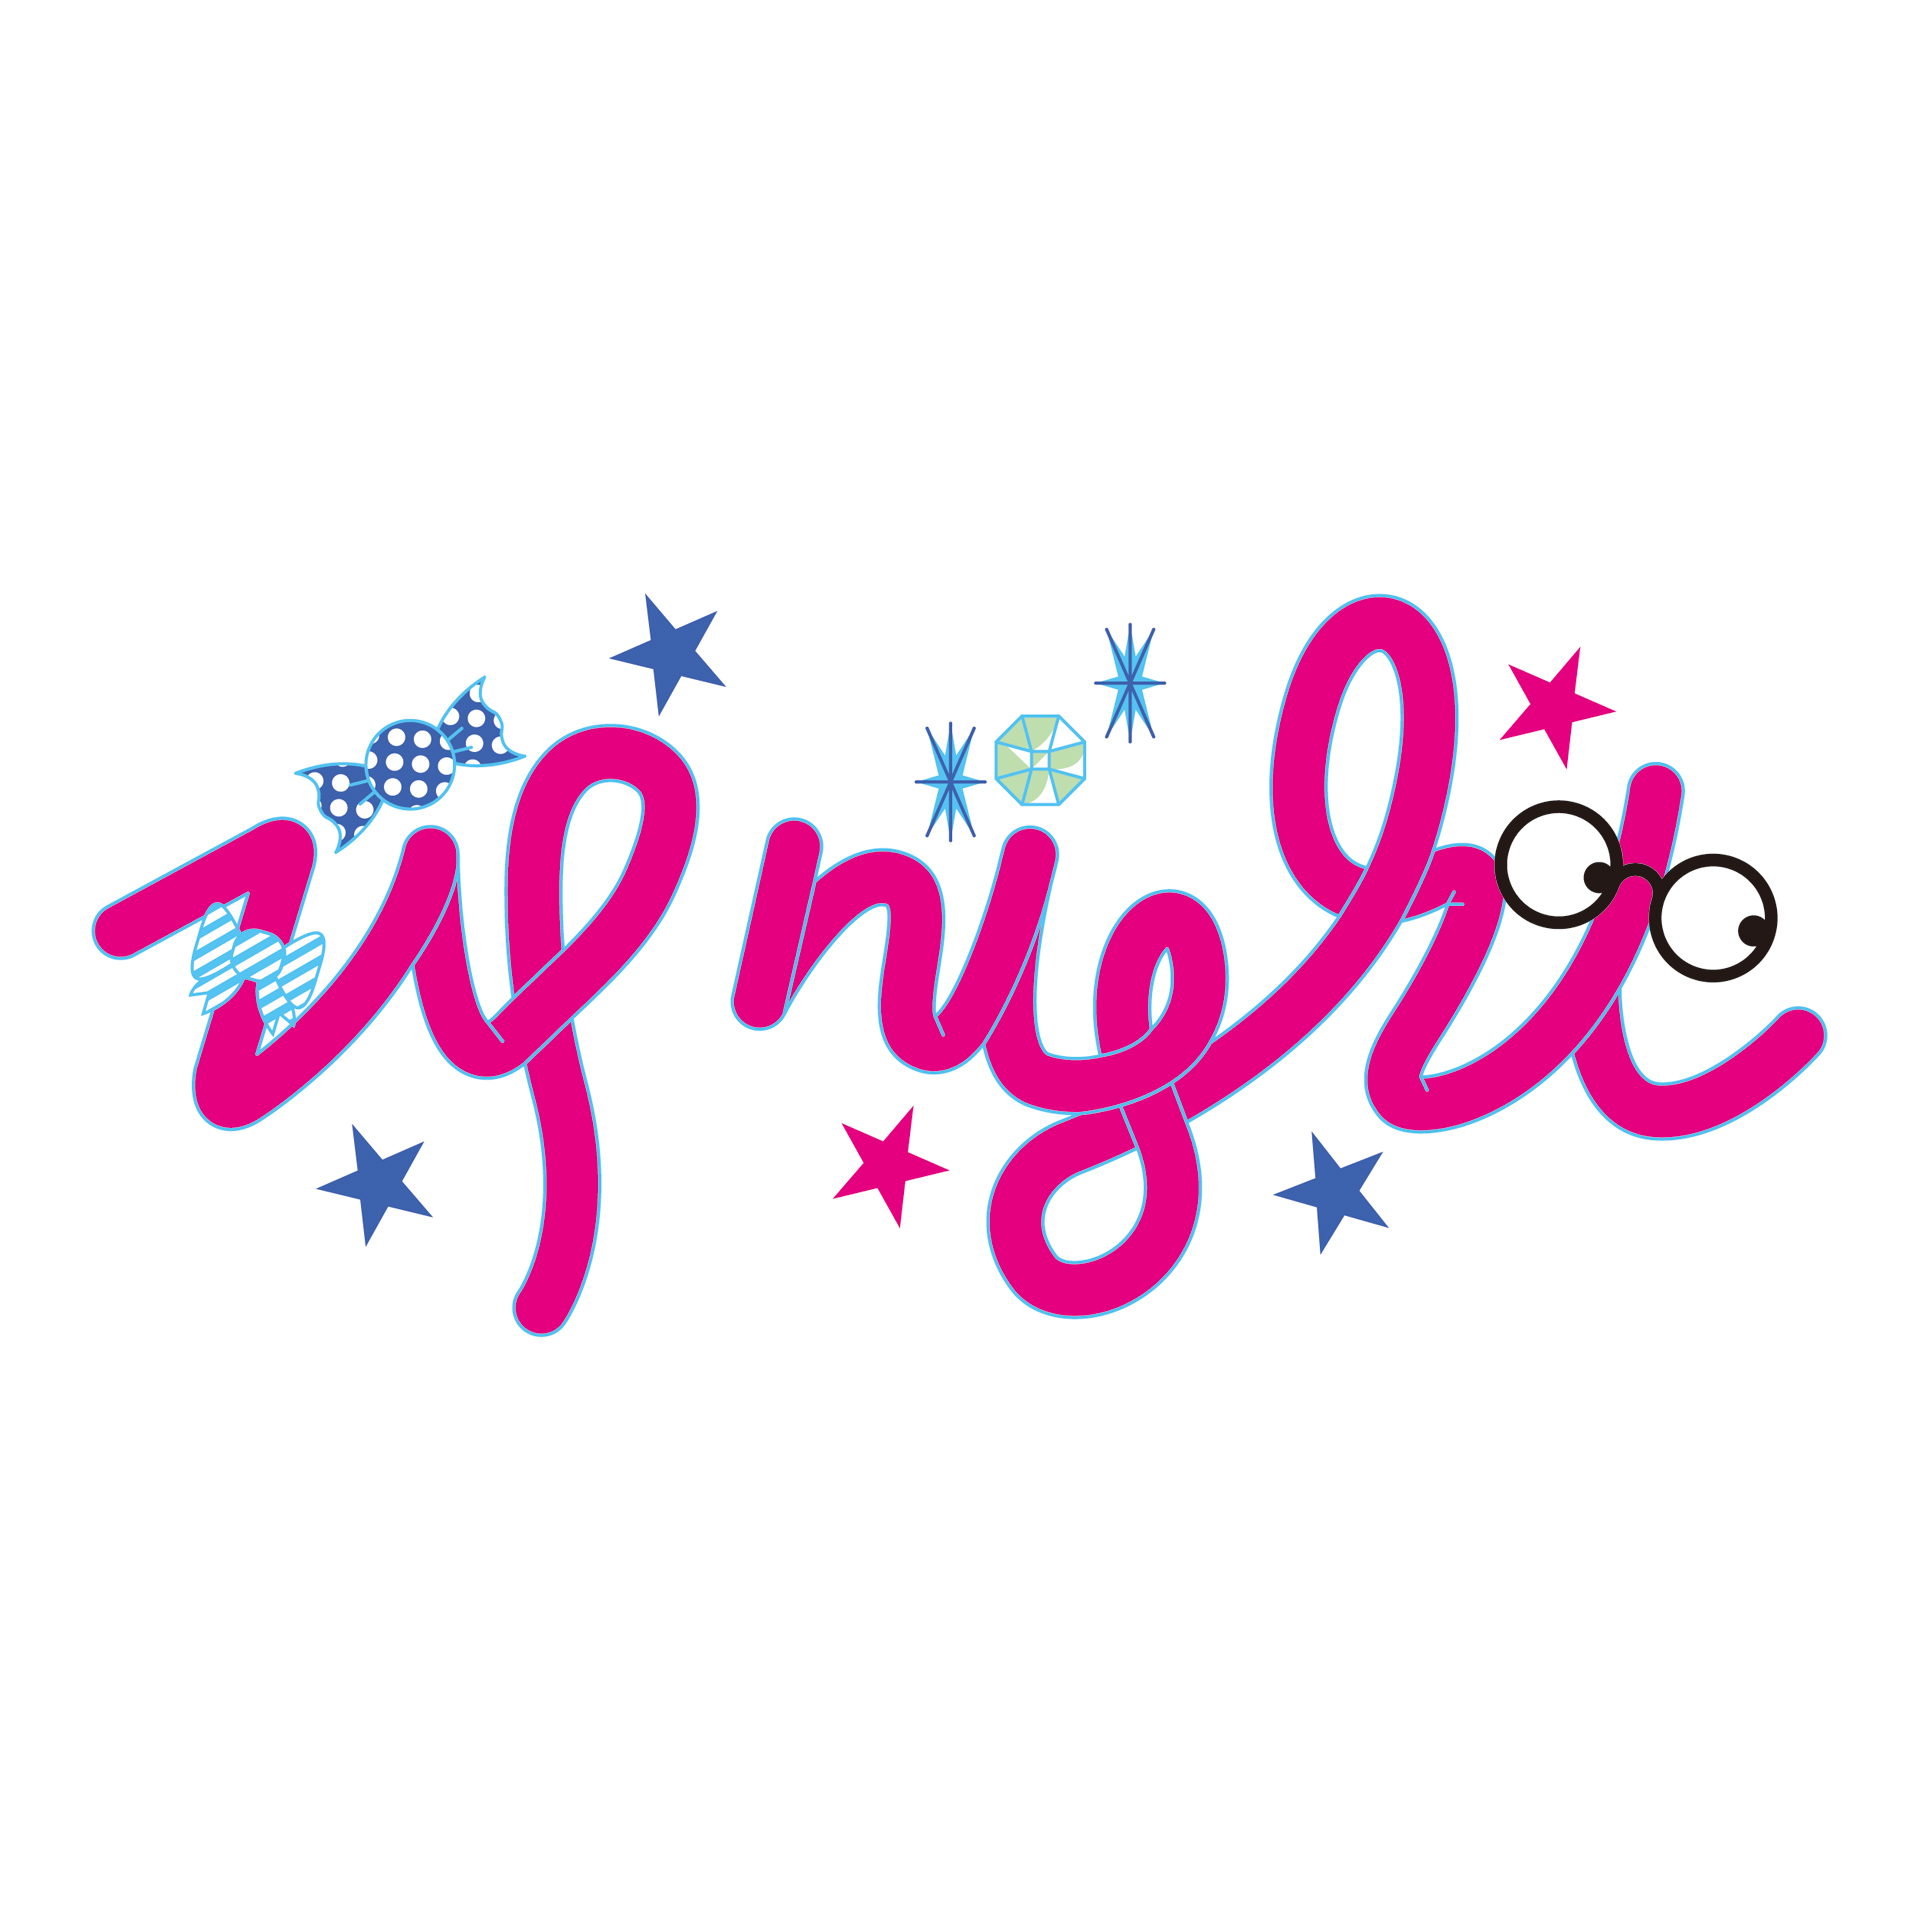 zip night